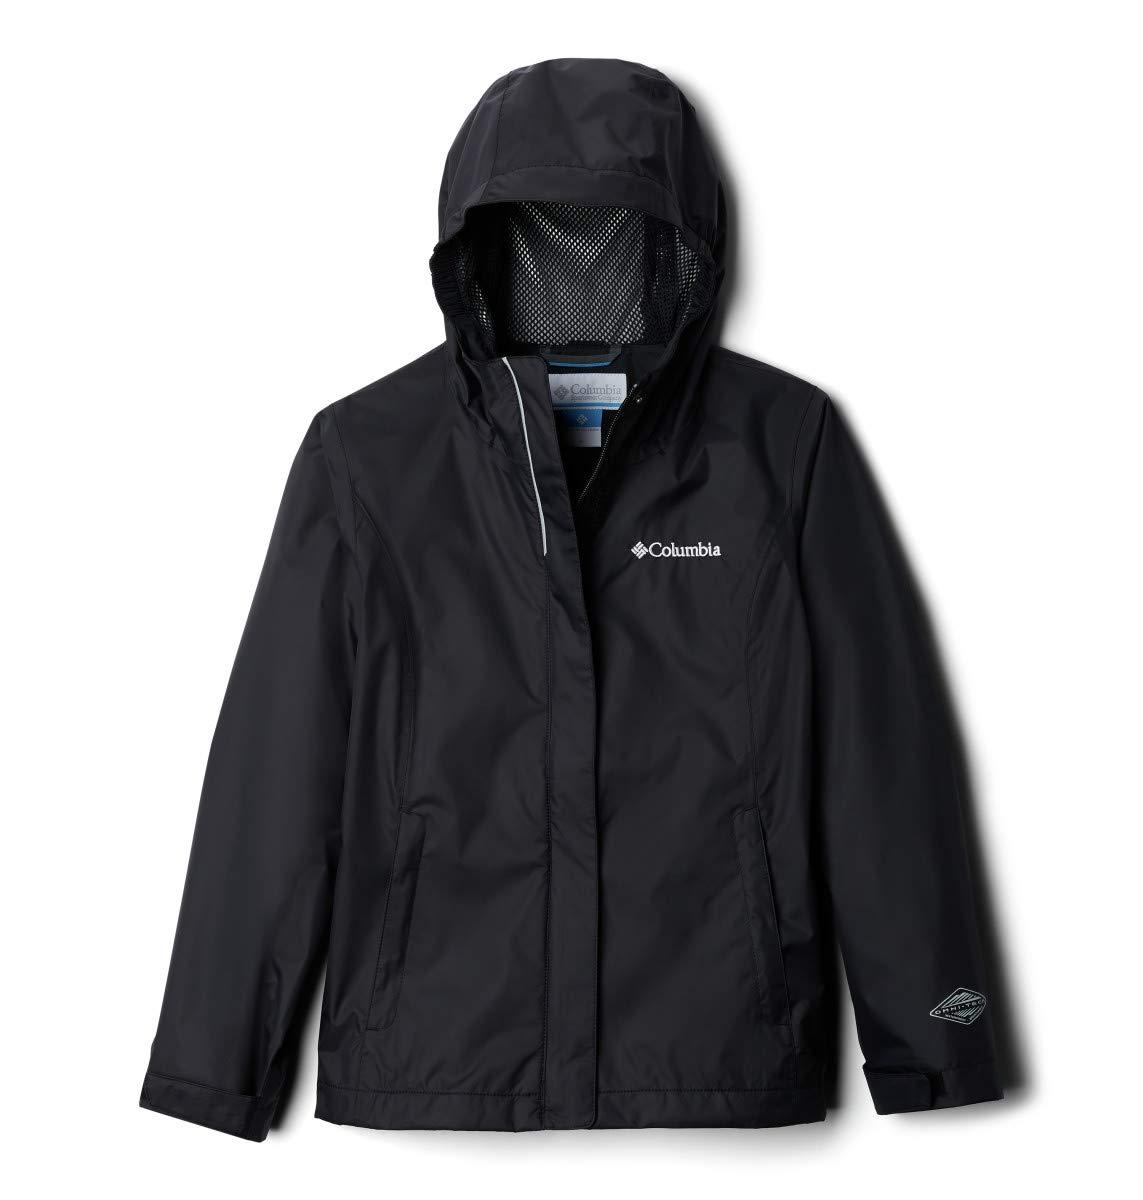 Columbia Big Girls' Arcadia Jacket, Black, Large